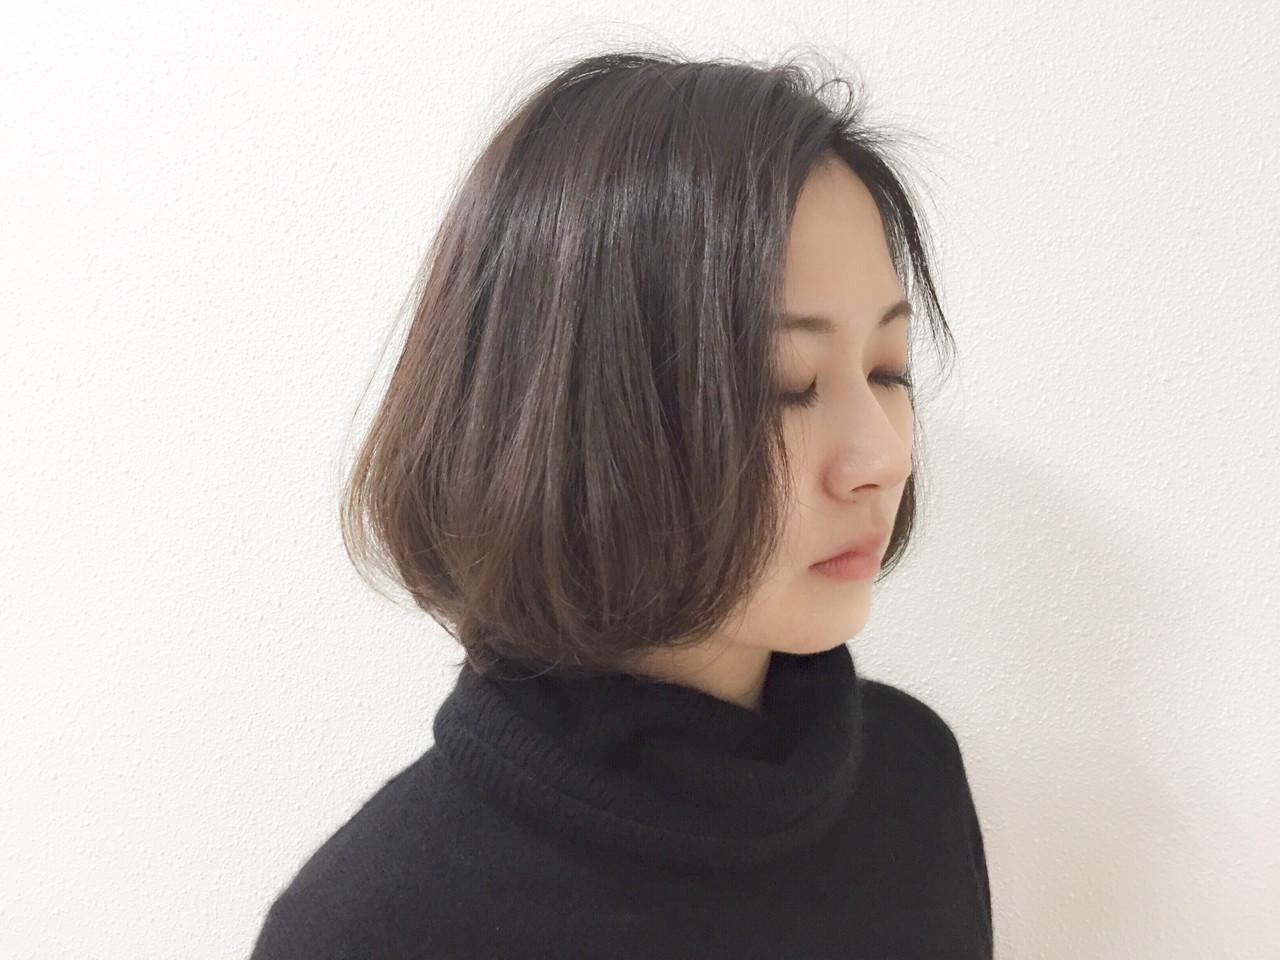 グレーアッシュ ナチュラル ボブ ブルーアッシュ ヘアスタイルや髪型の写真・画像 | Taniguchi Yukiko / IRODORI hair design